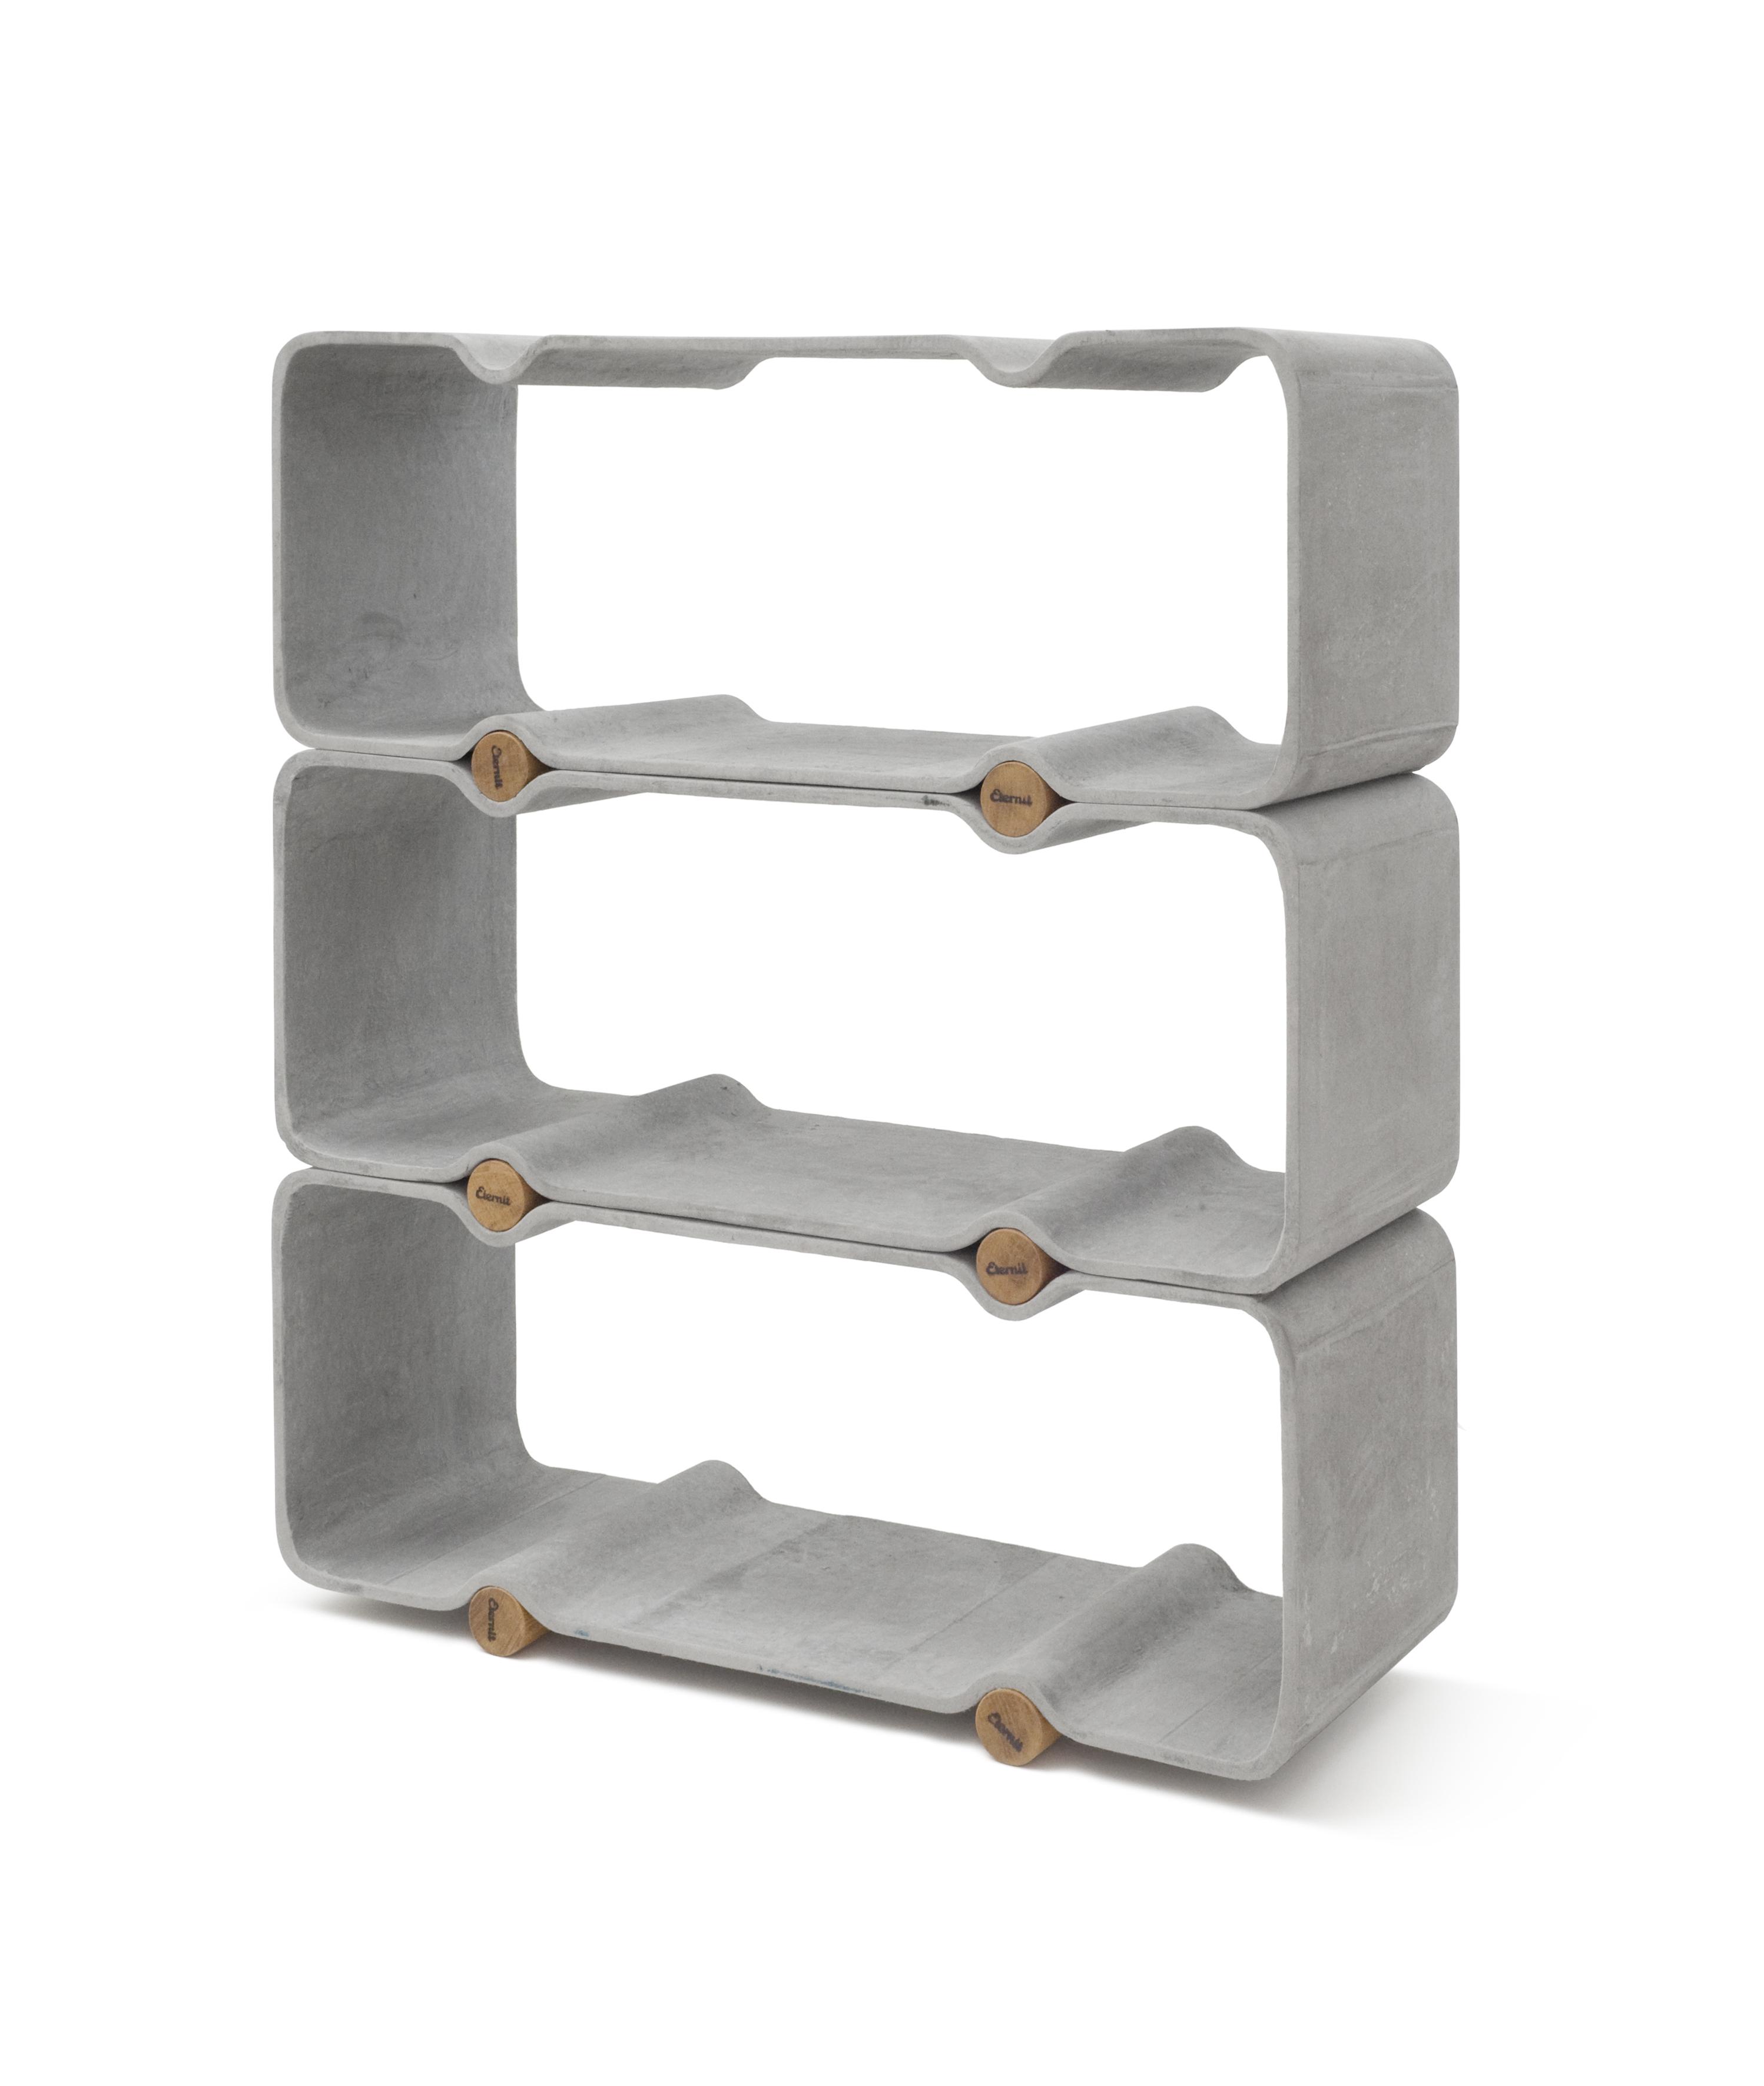 Thomas Feichtner - Basso Shelf System